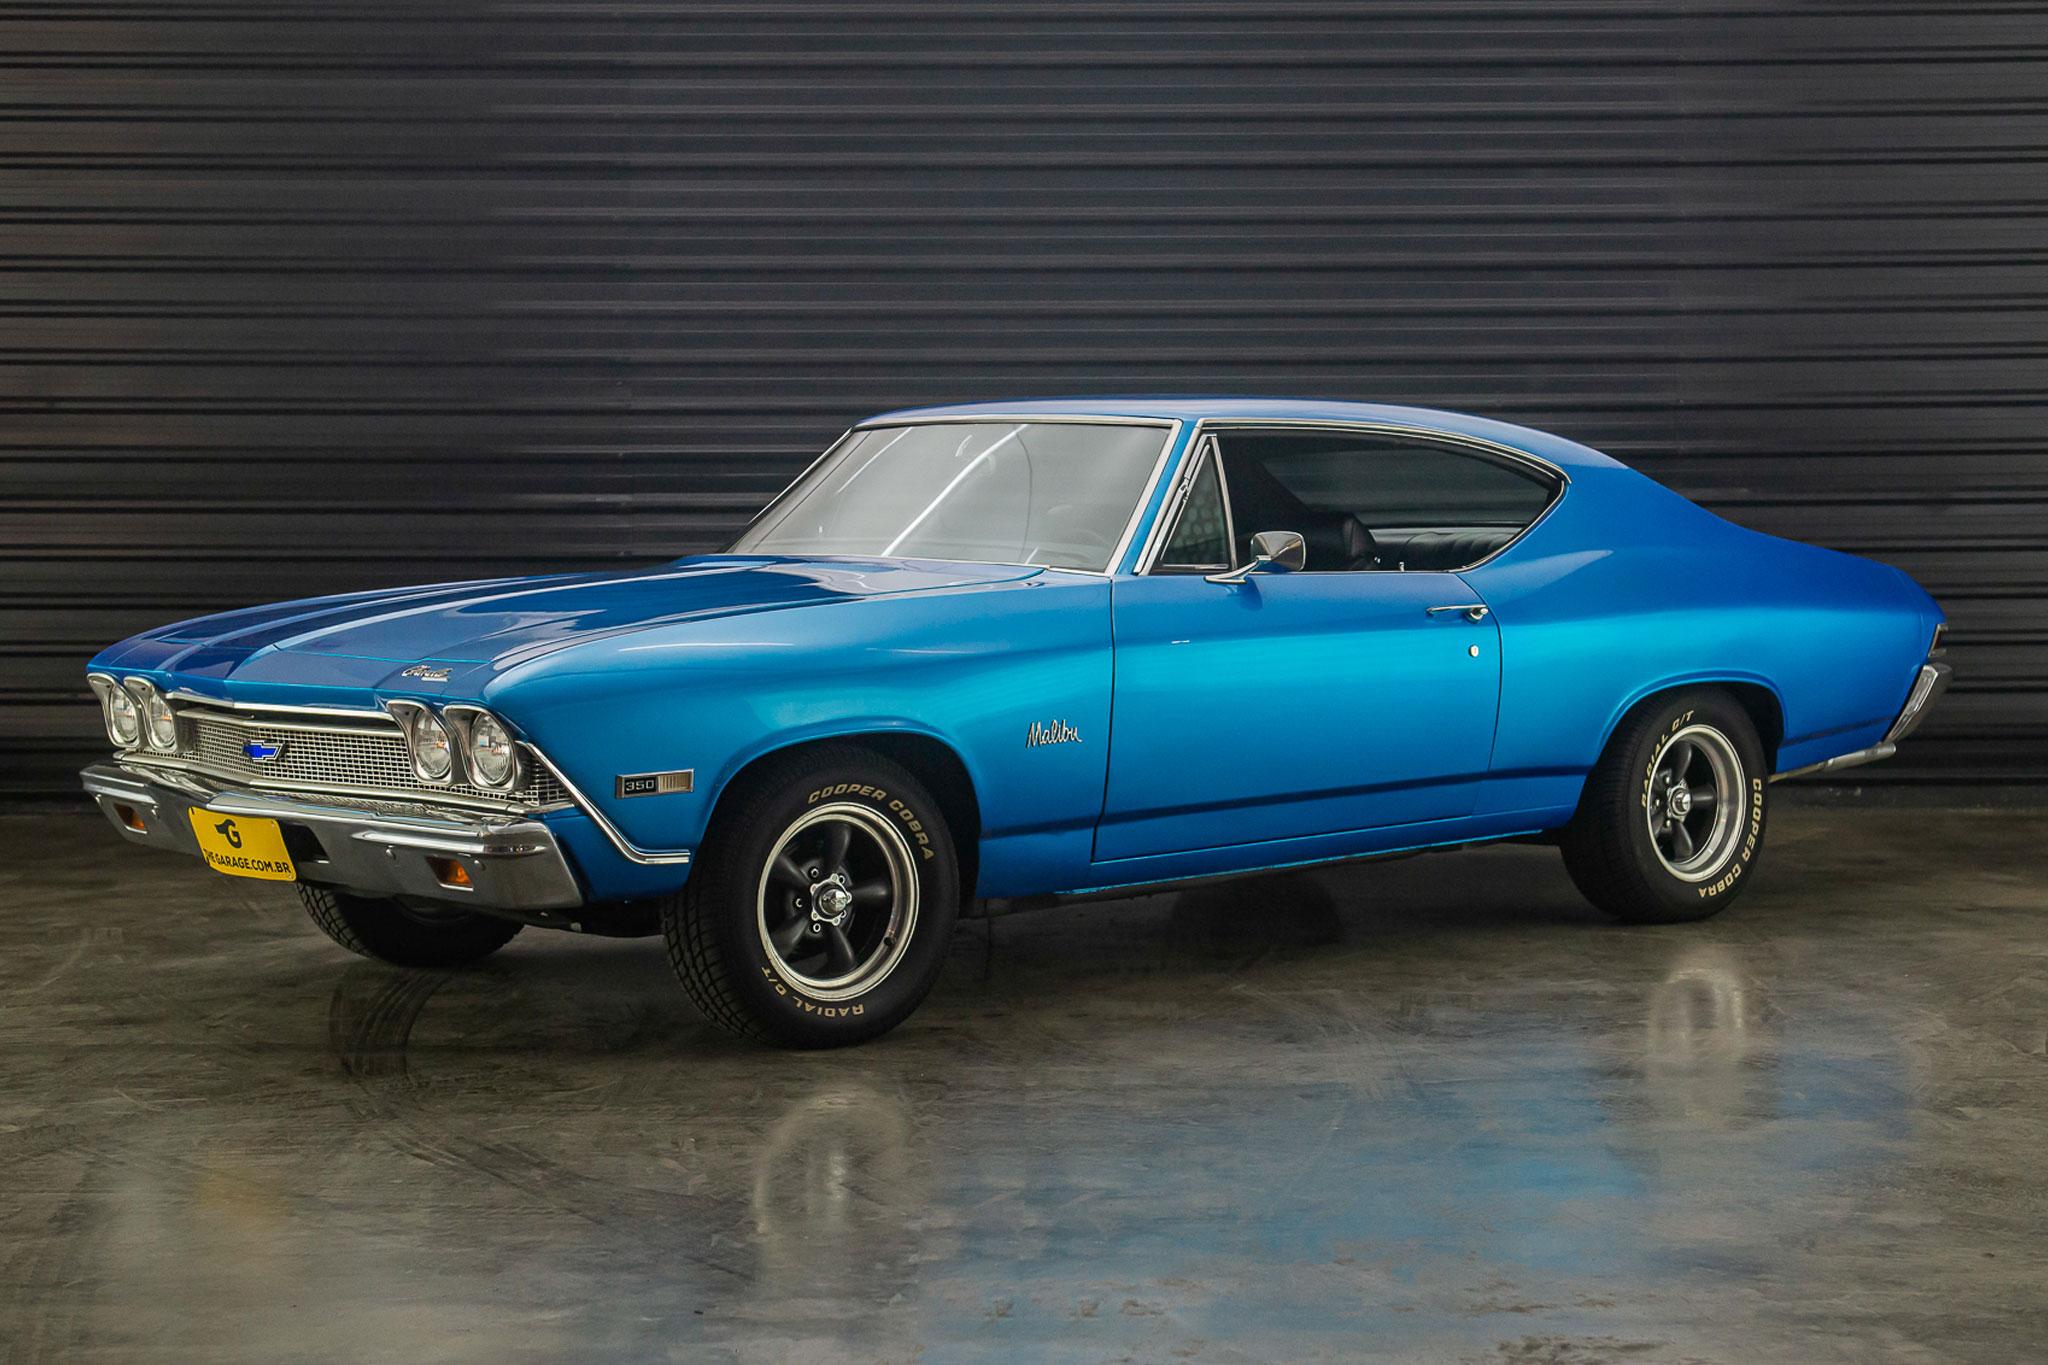 1968-chevrolet-malibu-a-venda-sao-paulo-sp-for-sale-the-garage-classicos-a-melhor-loja-de-carros-antigos-acervo-de-carros-35